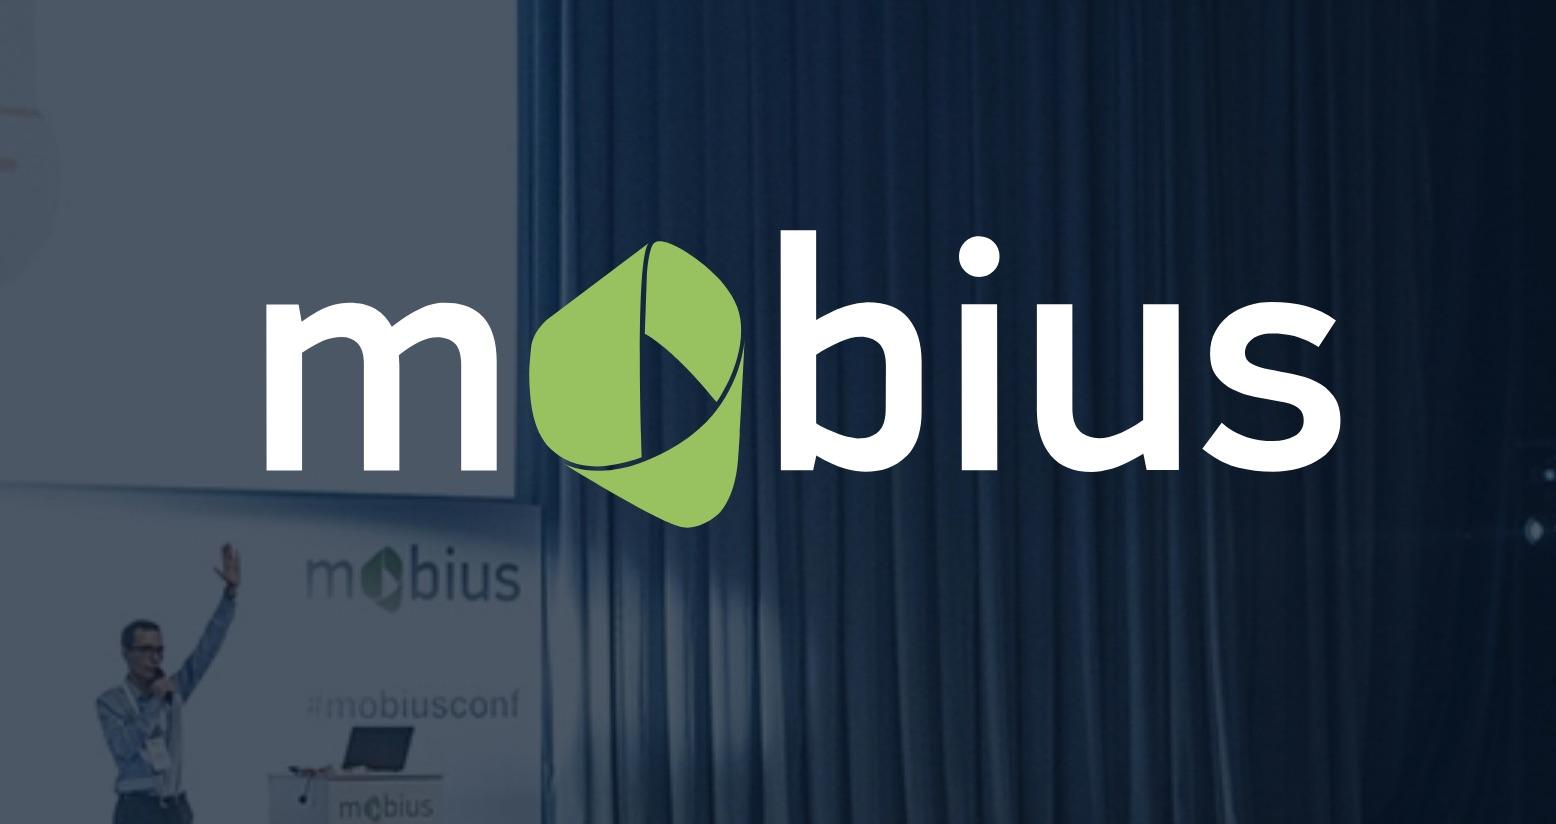 Mobius 2019 Piter: бесплатная онлайн-трансляция и всё остальное - 1